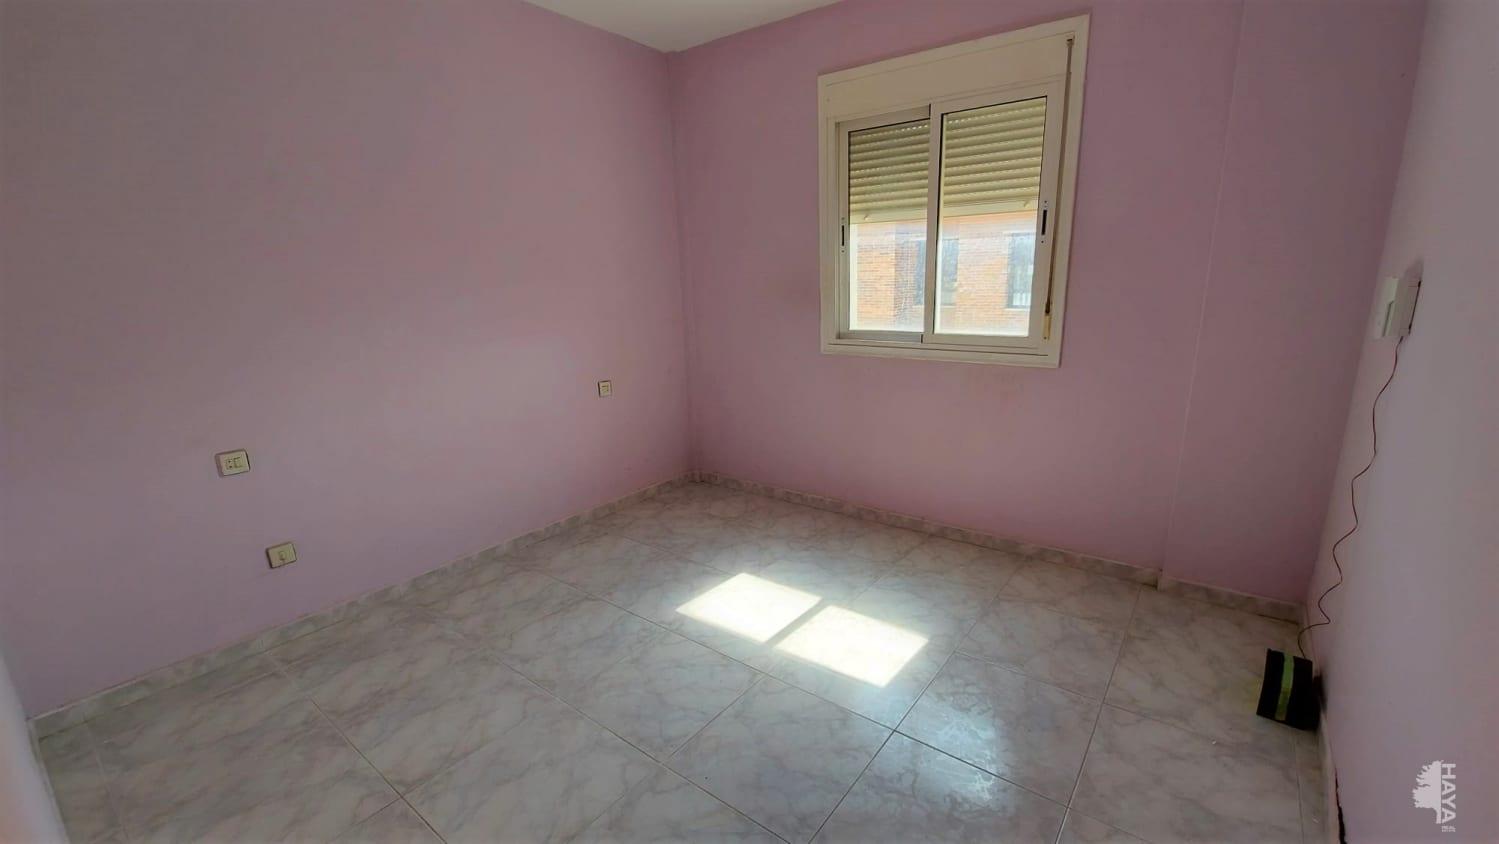 Piso en venta en Piso en Vícar, Almería, 65.000 €, 3 habitaciones, 2 baños, 134 m2